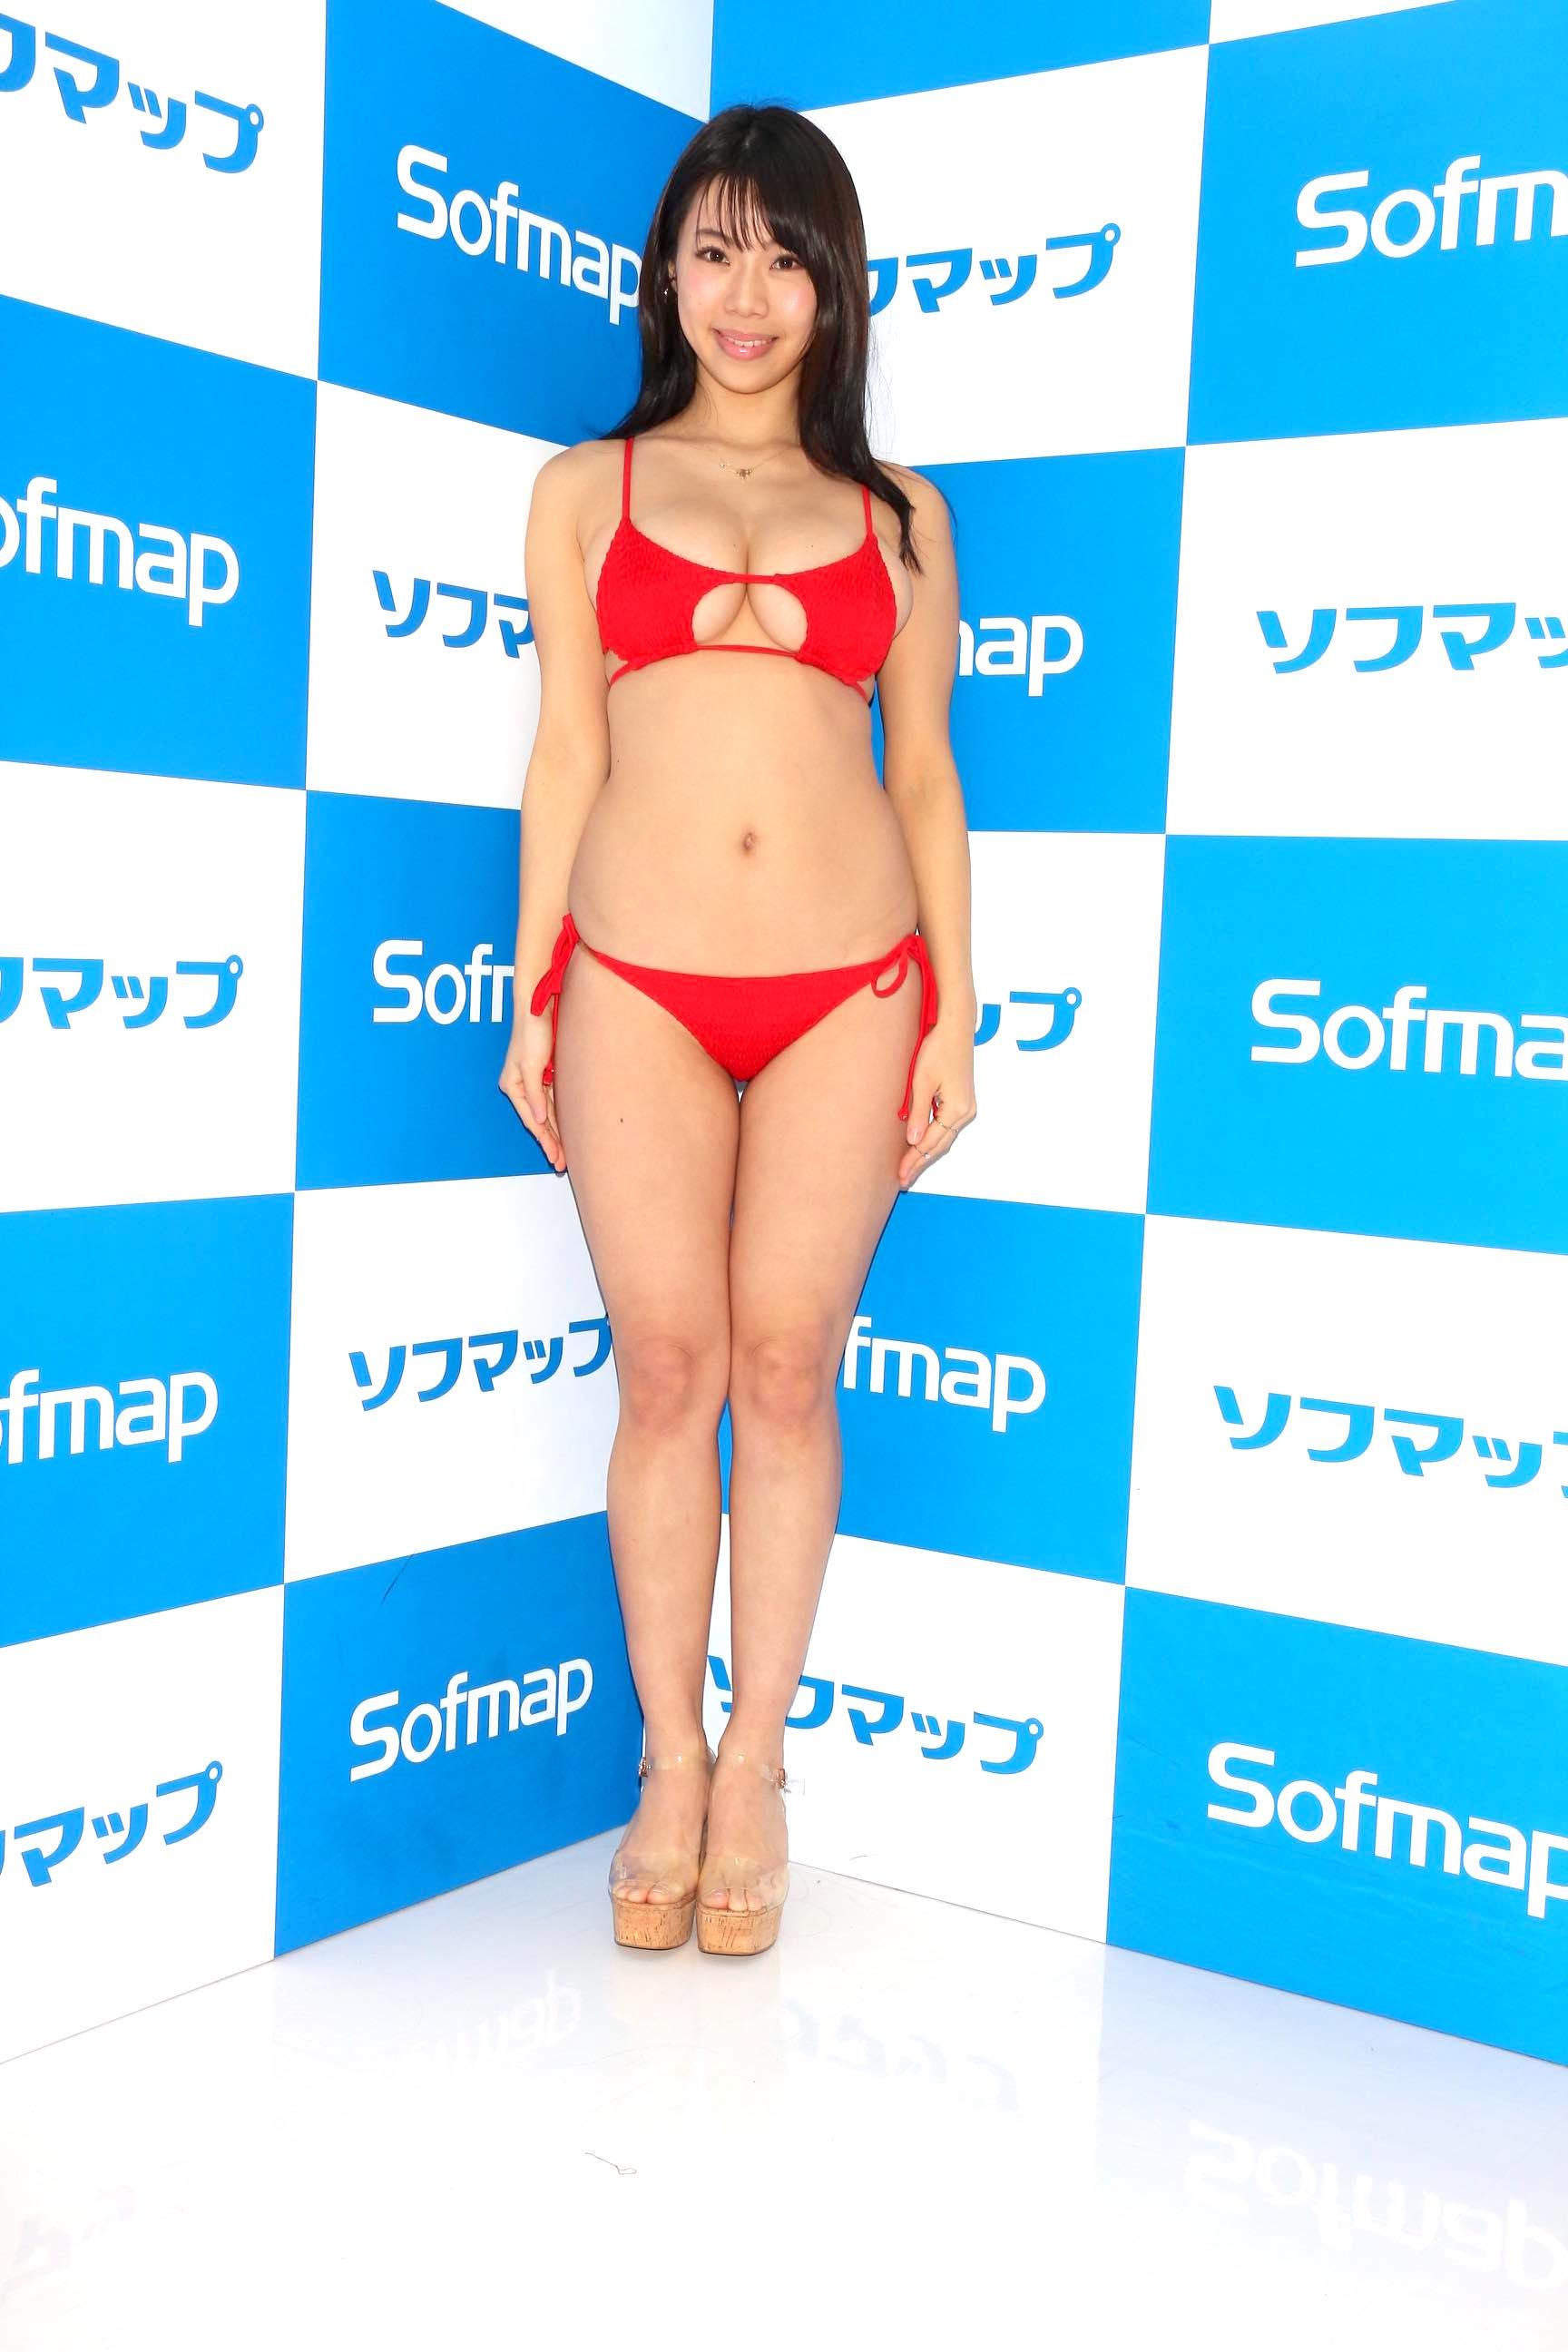 鈴木ふみ奈「待望のビキニ姿」2年半ぶりのDVDを発売!【写真23枚】の画像001